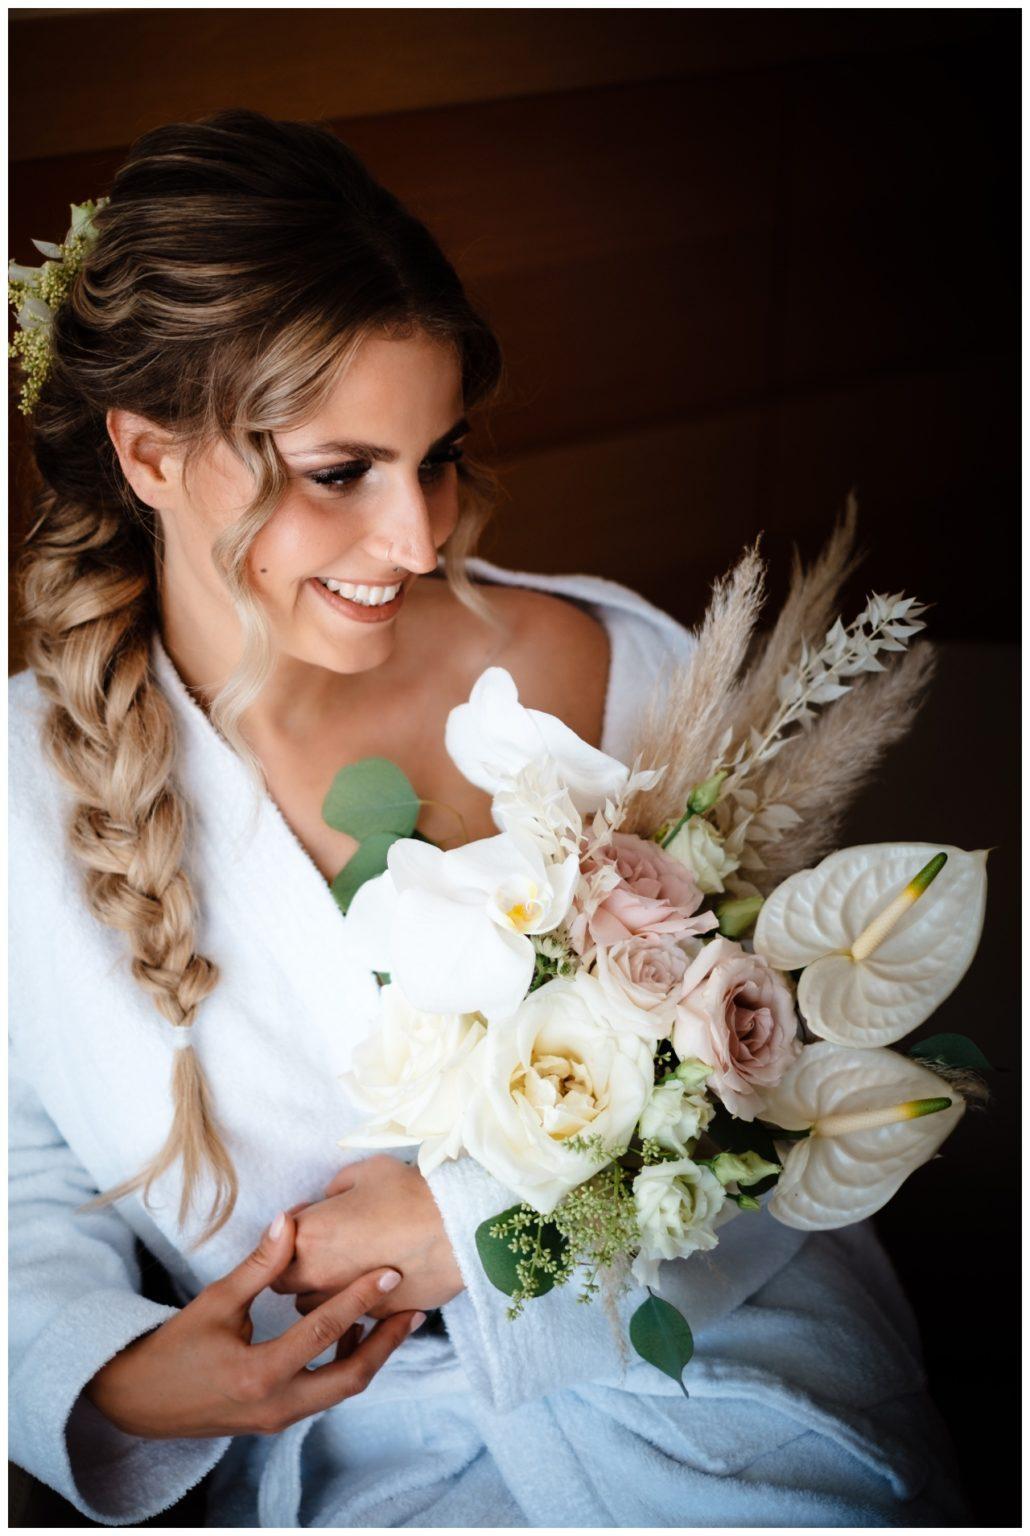 hochzeit brac inse boho heiraten kroatien hochzeitsplaner 8 - Glam Boho Hochzeit auf der Insel Brač